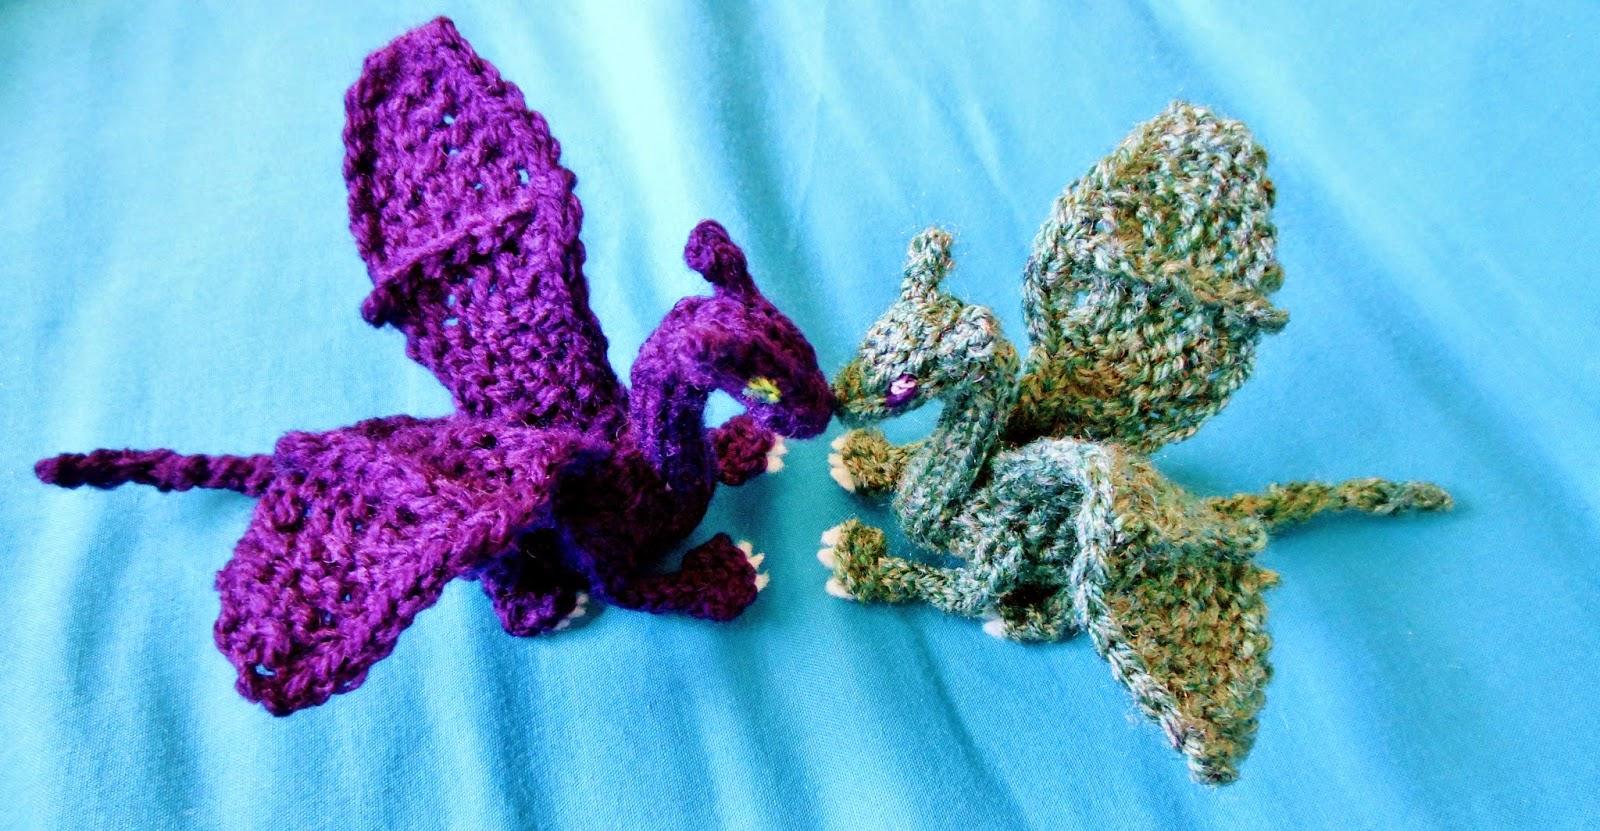 Small Dragon Knitting Pattern : Crafty Mutt: Baby Dragon Palm Pal Knit+Crochet Pattern